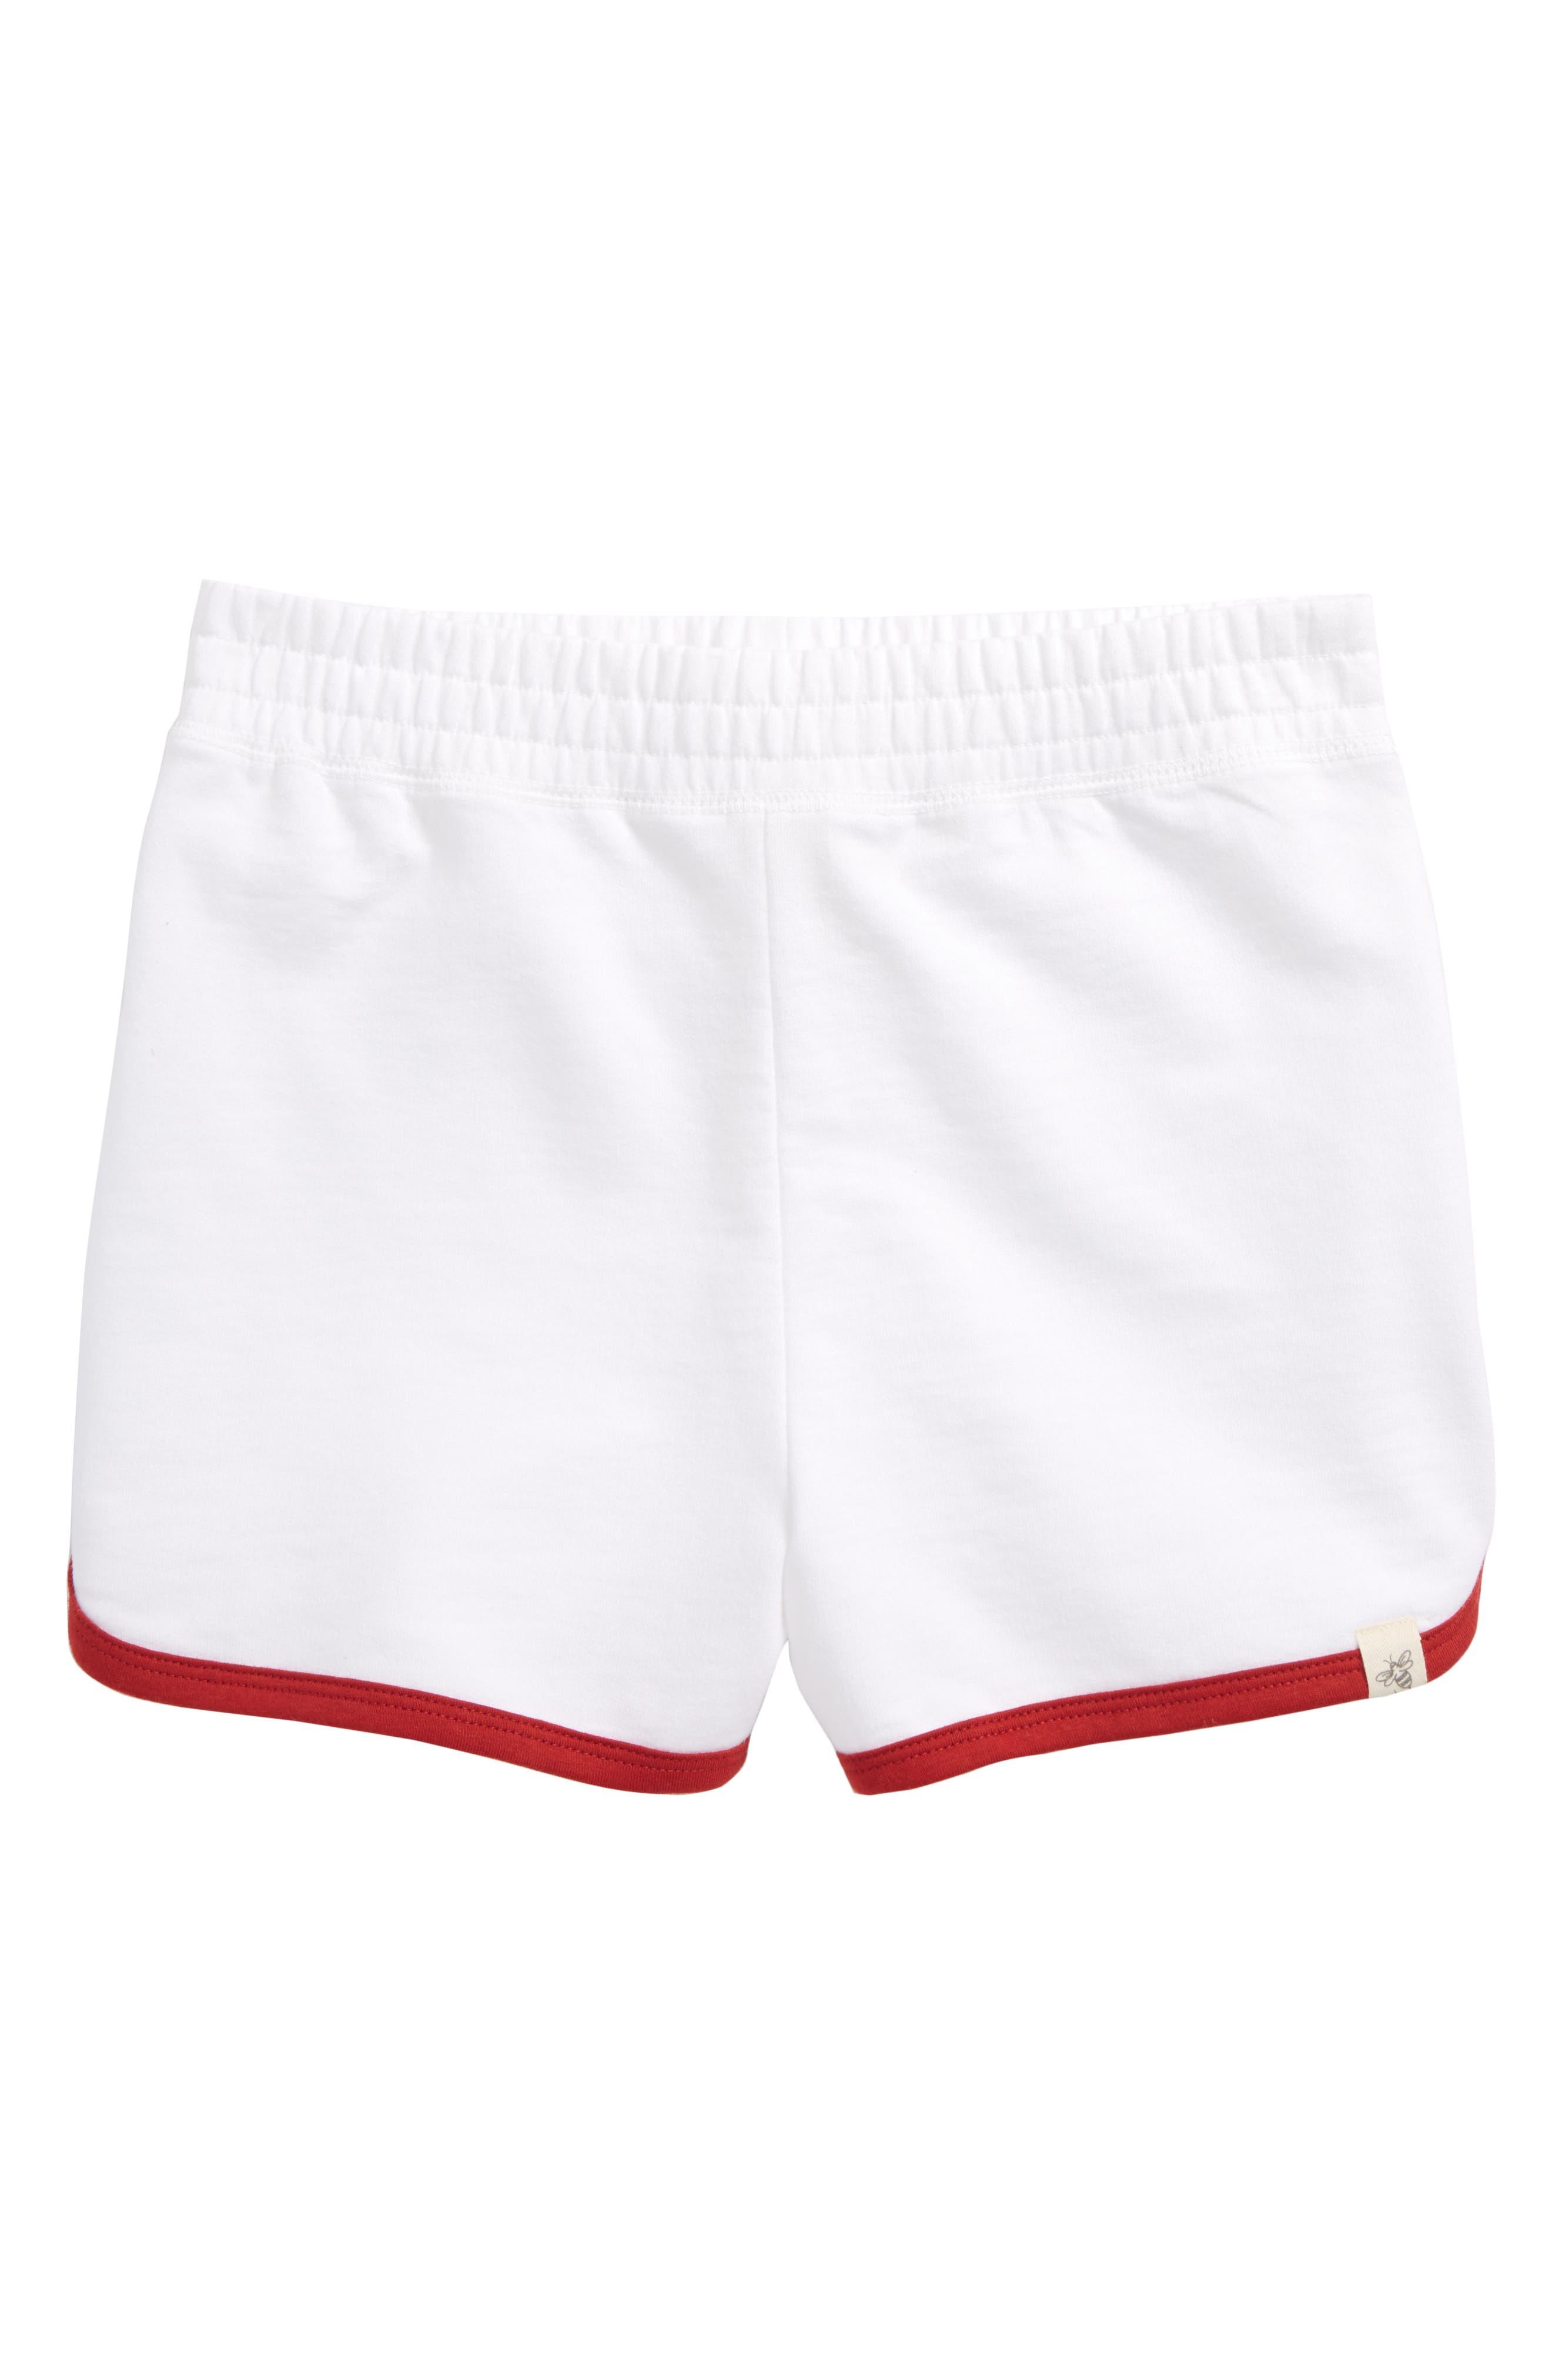 Organic Cotton Shorts,                             Main thumbnail 1, color,                             100